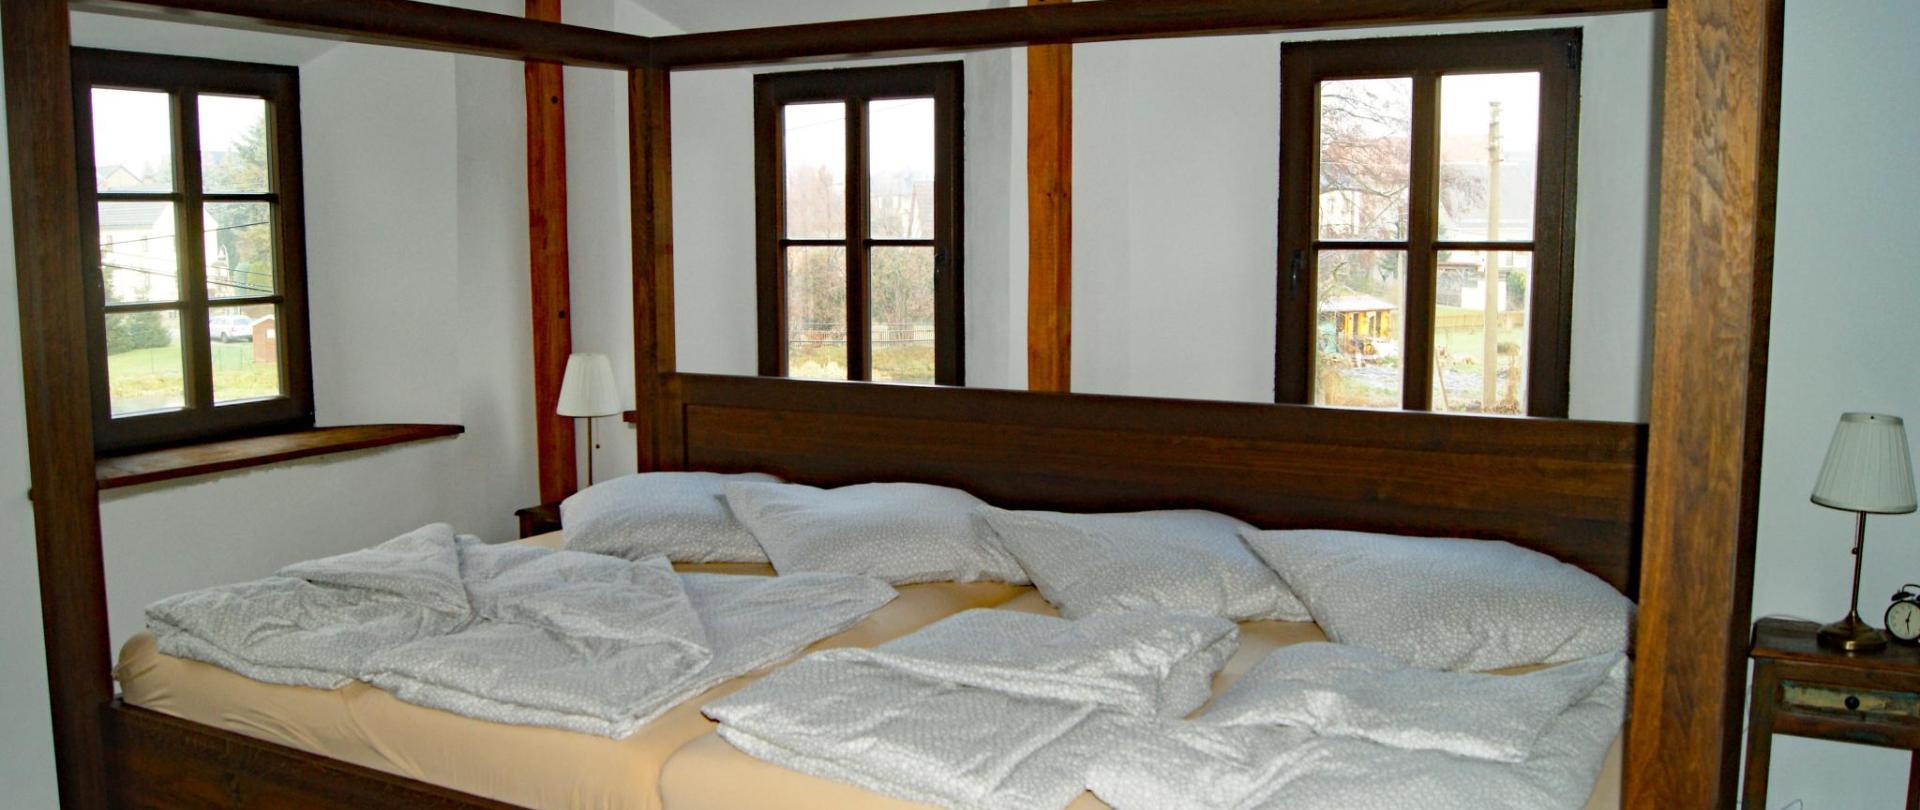 Schlafzimmer mit 360 cm Bett.JPG